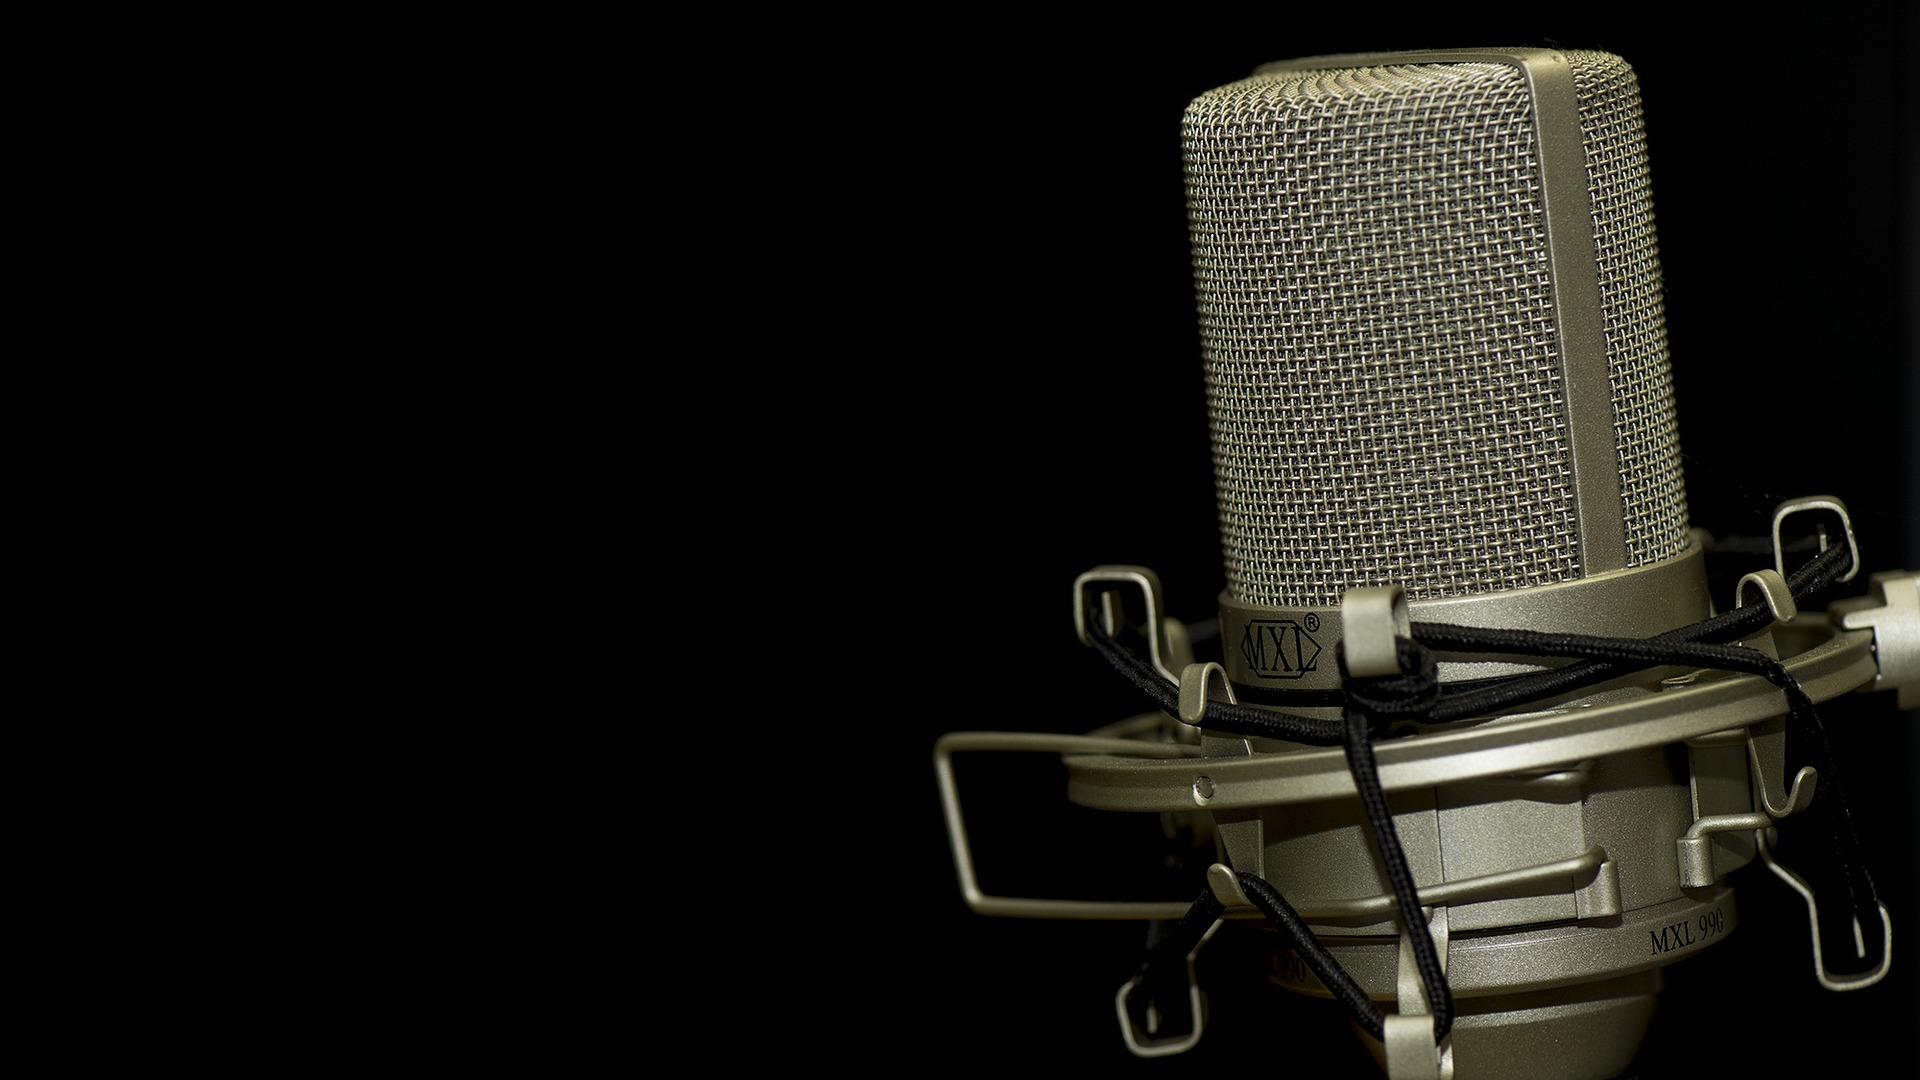 תוכניות רדיו בנושא יהדות שכדאי להכיר